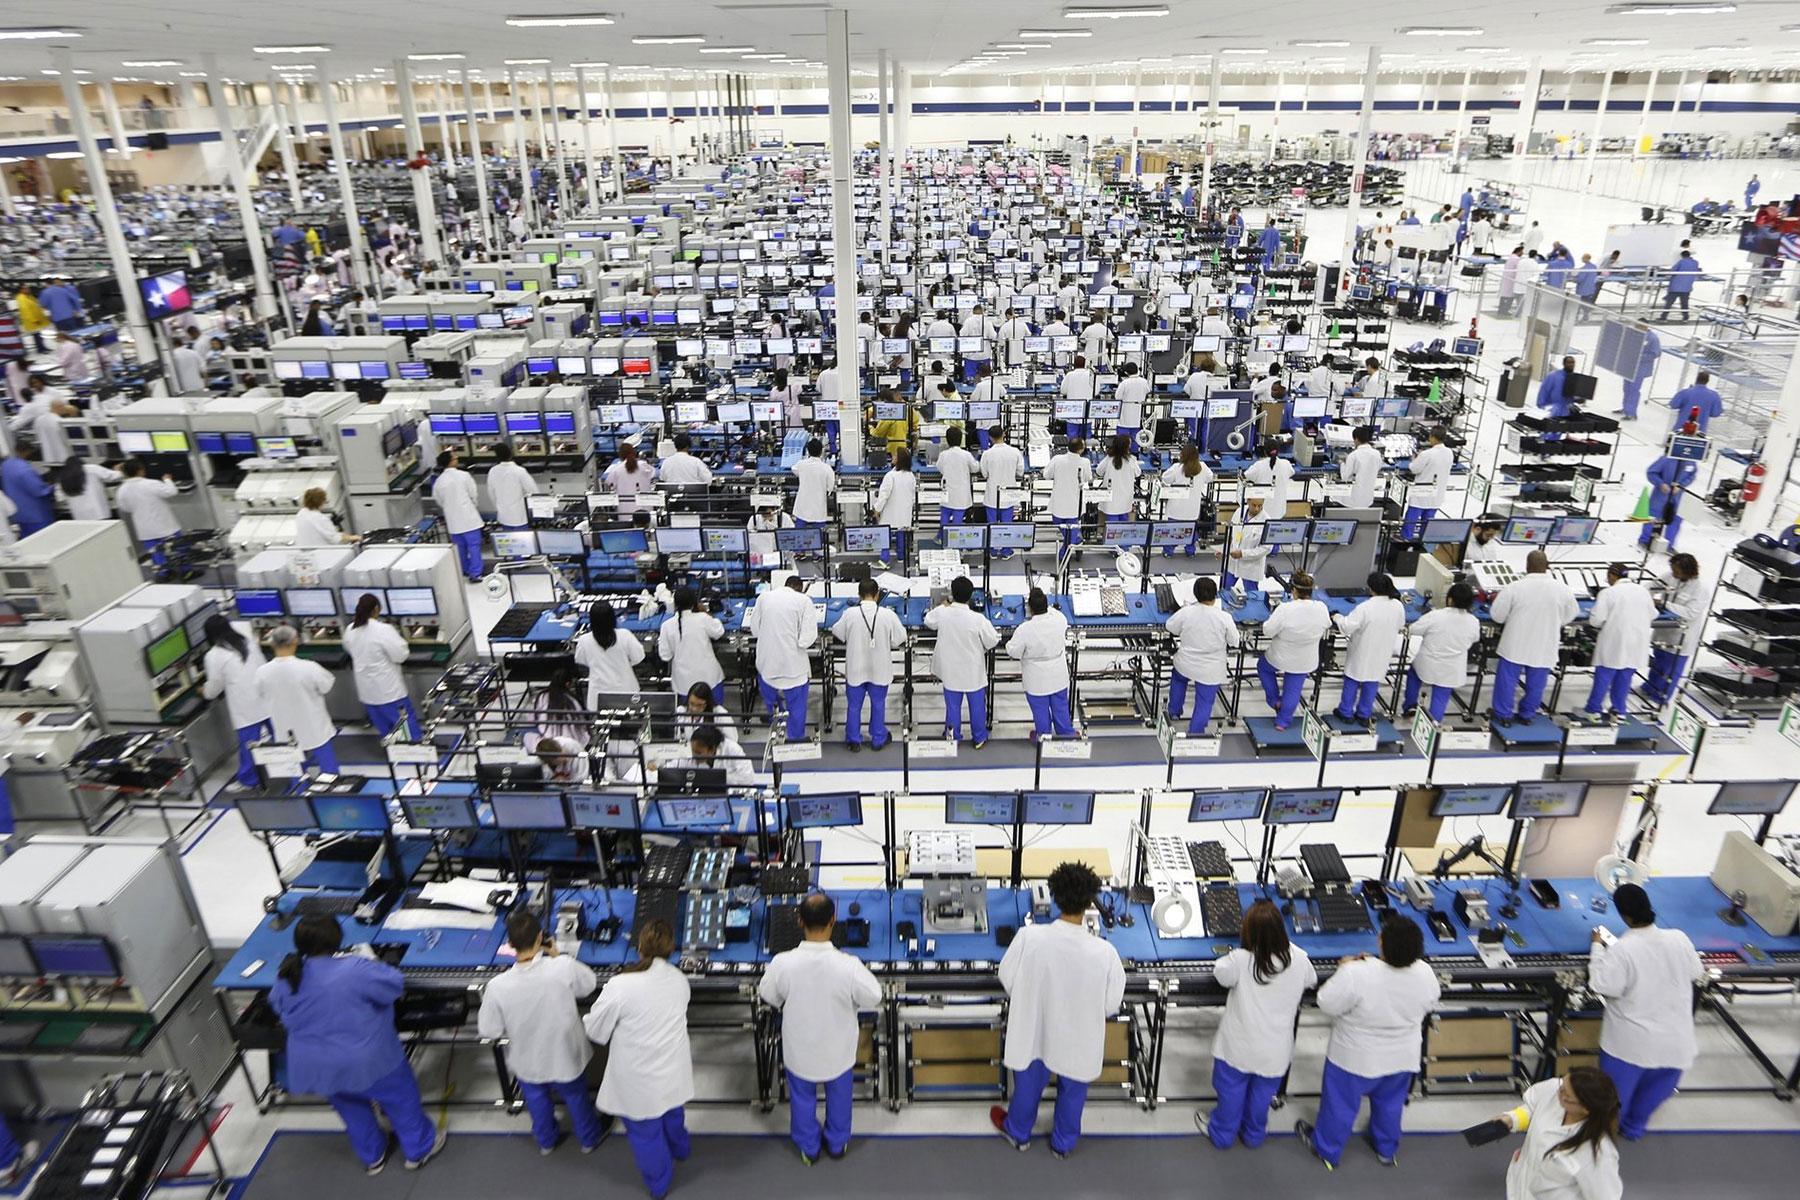 China: Investigación revela que menores son explotados para fabricar los Amazon Alexa